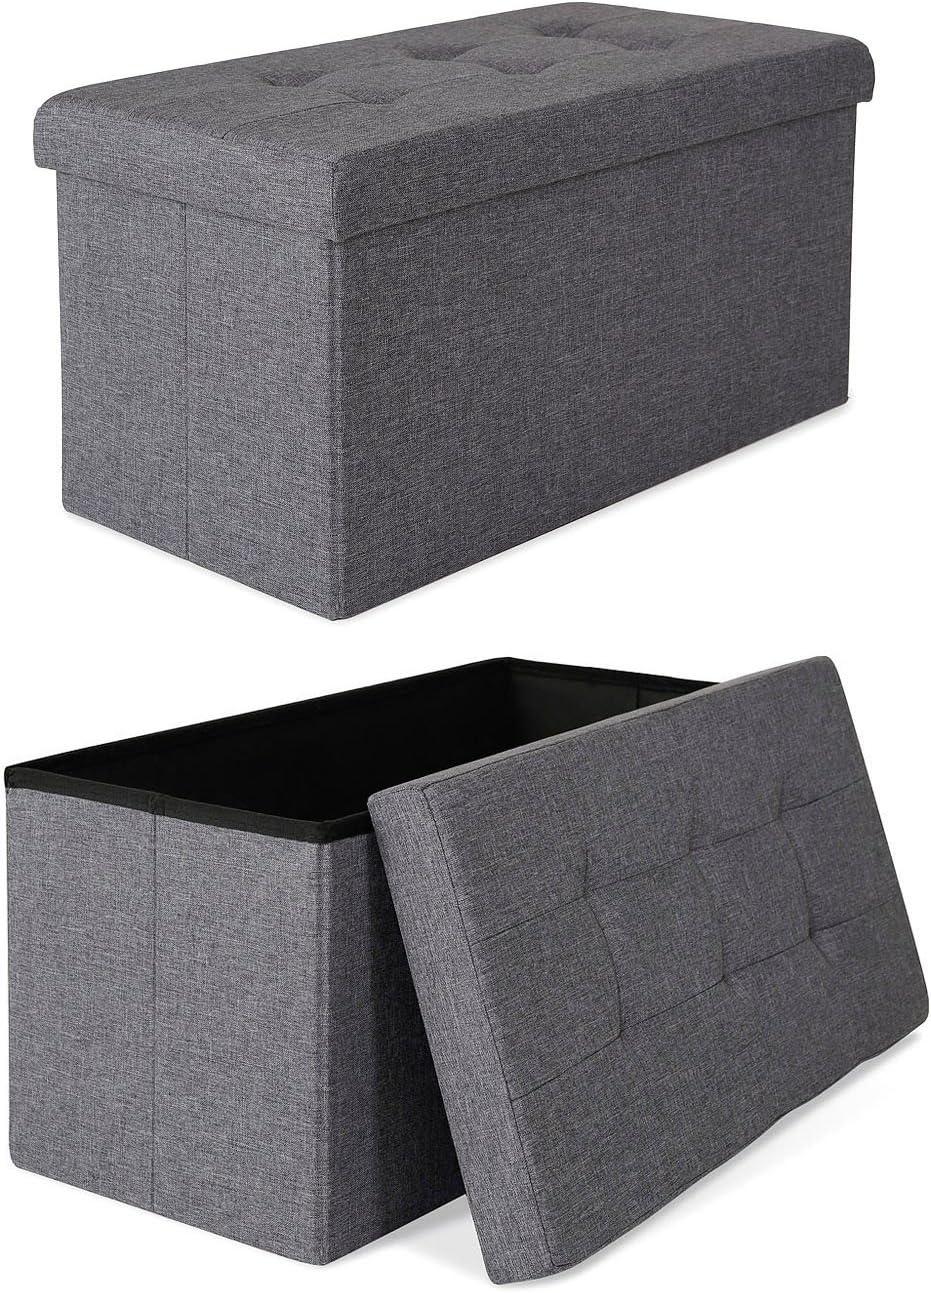 dibea Tabouret pliable en lin banc coffre de rangement 76x38x38 cm couleurs différentes